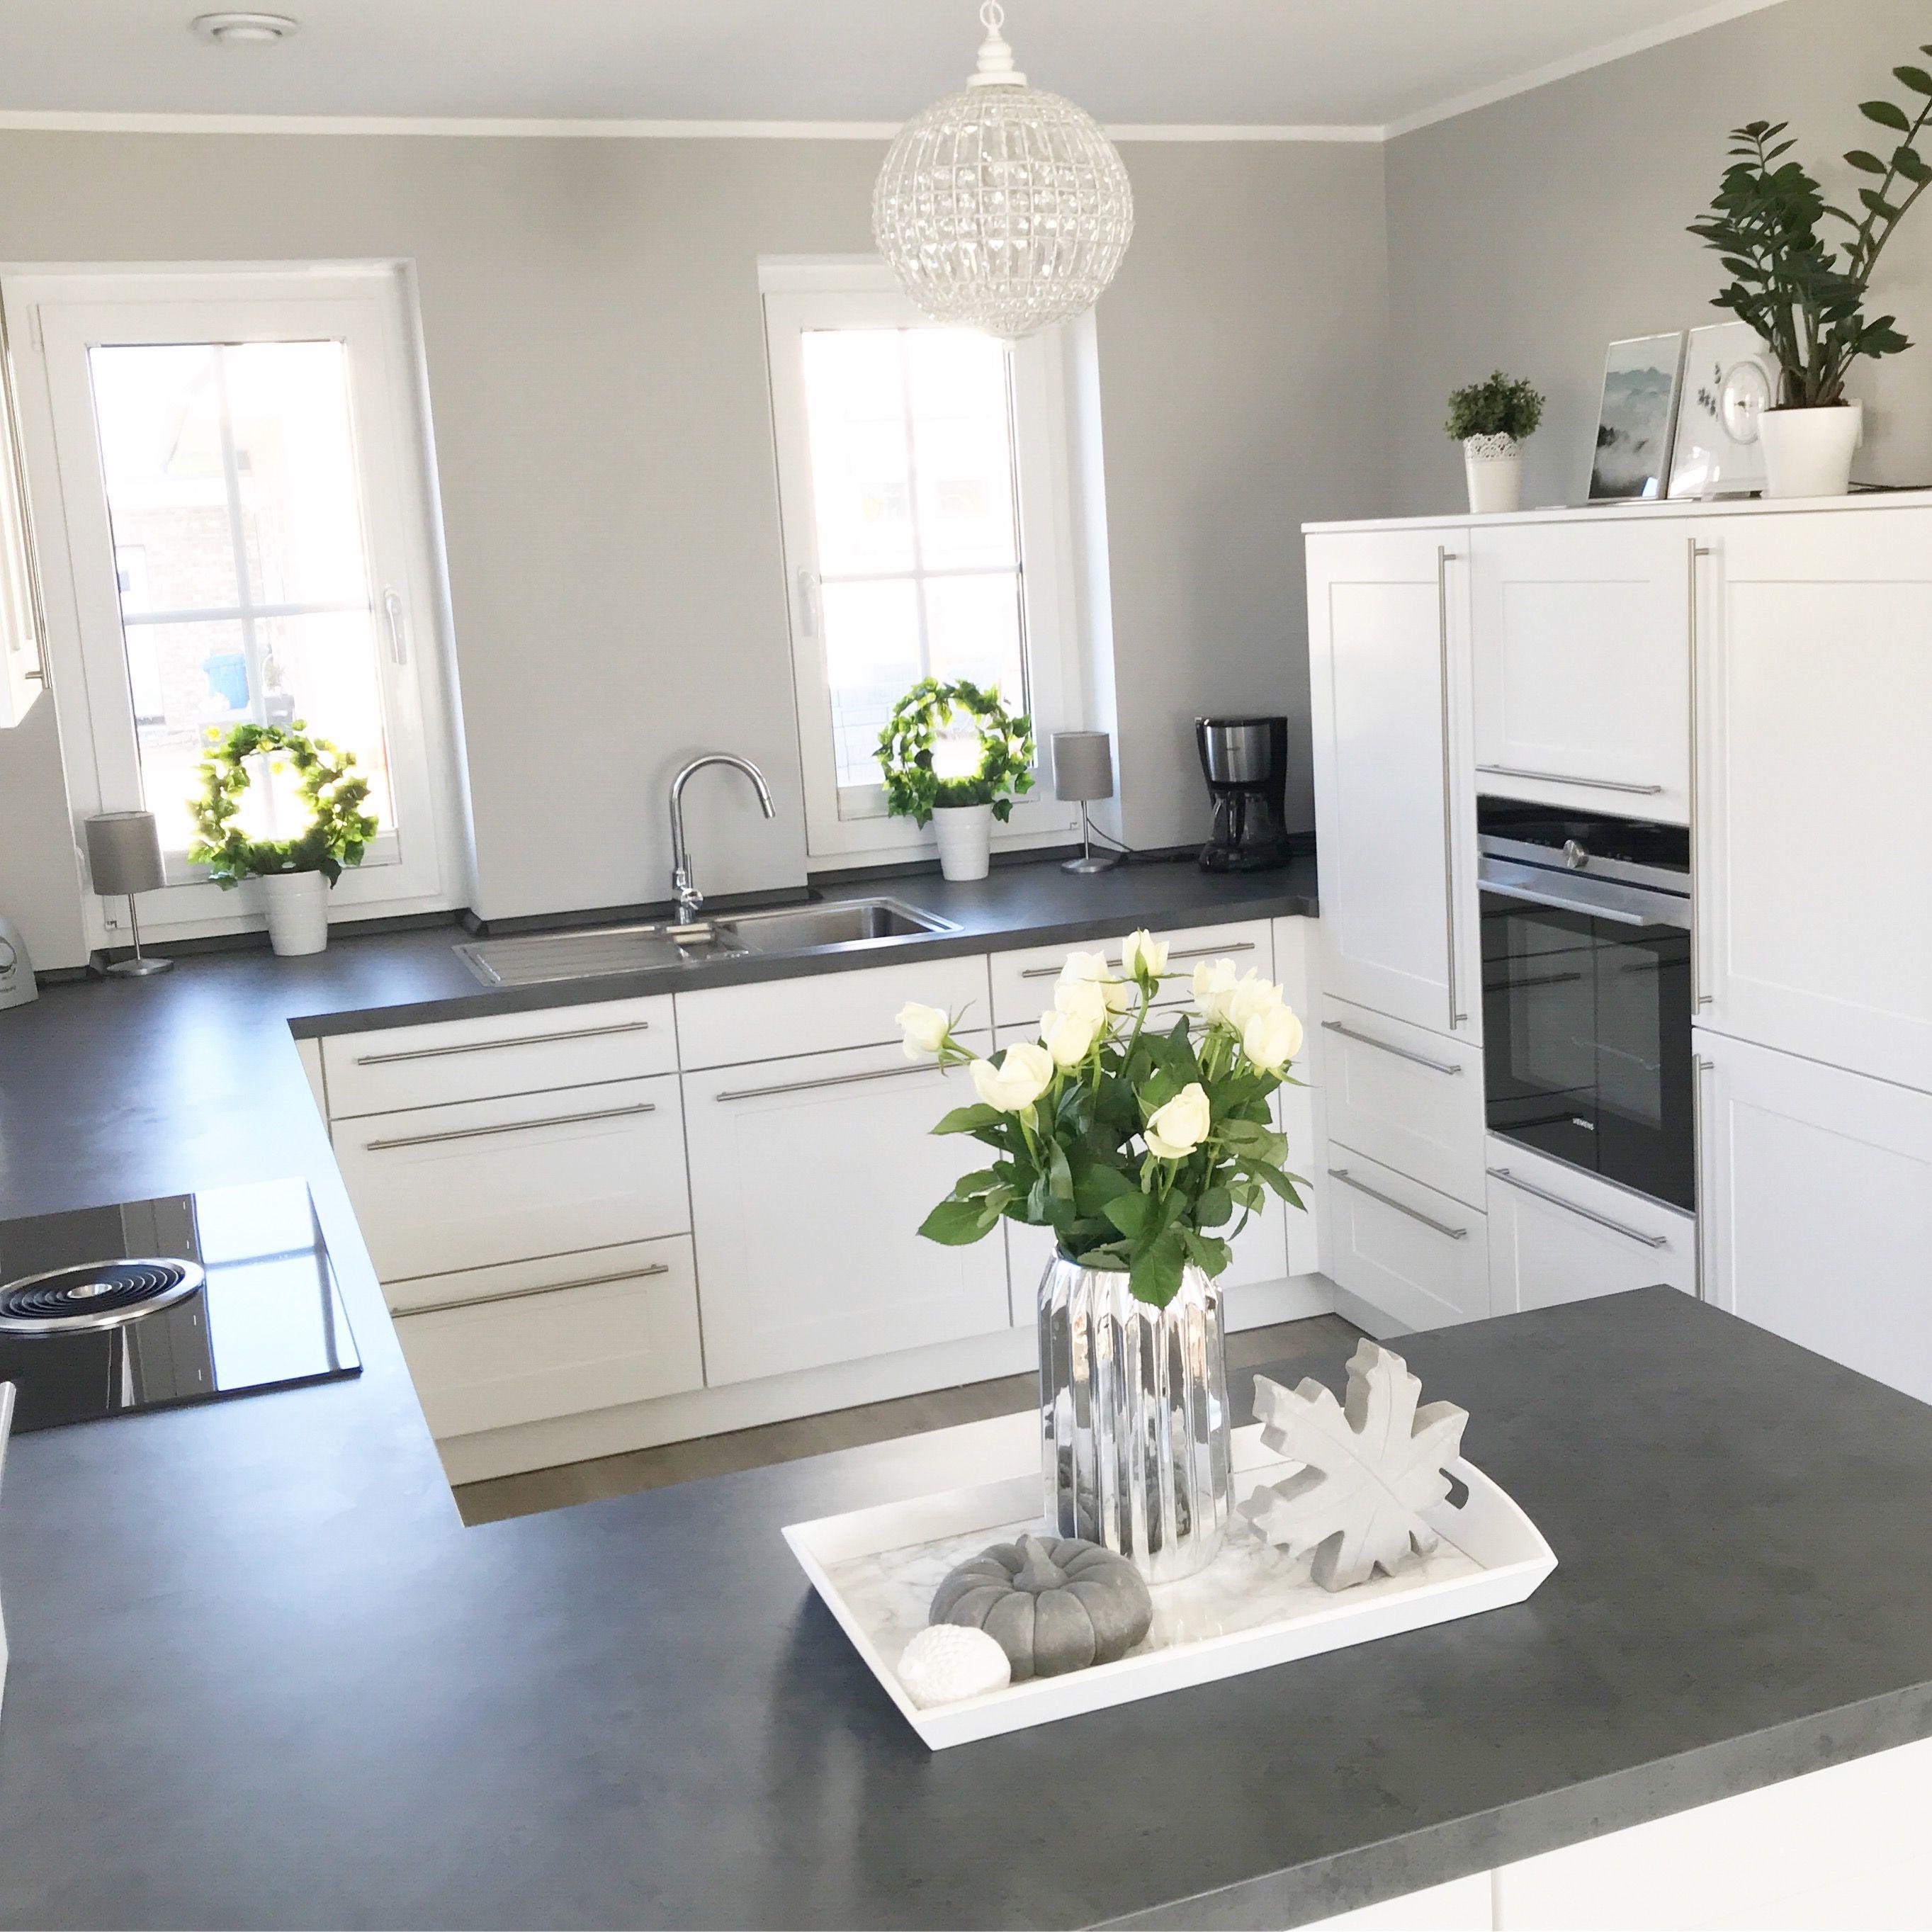 Küche Grau Weiß Landhaus